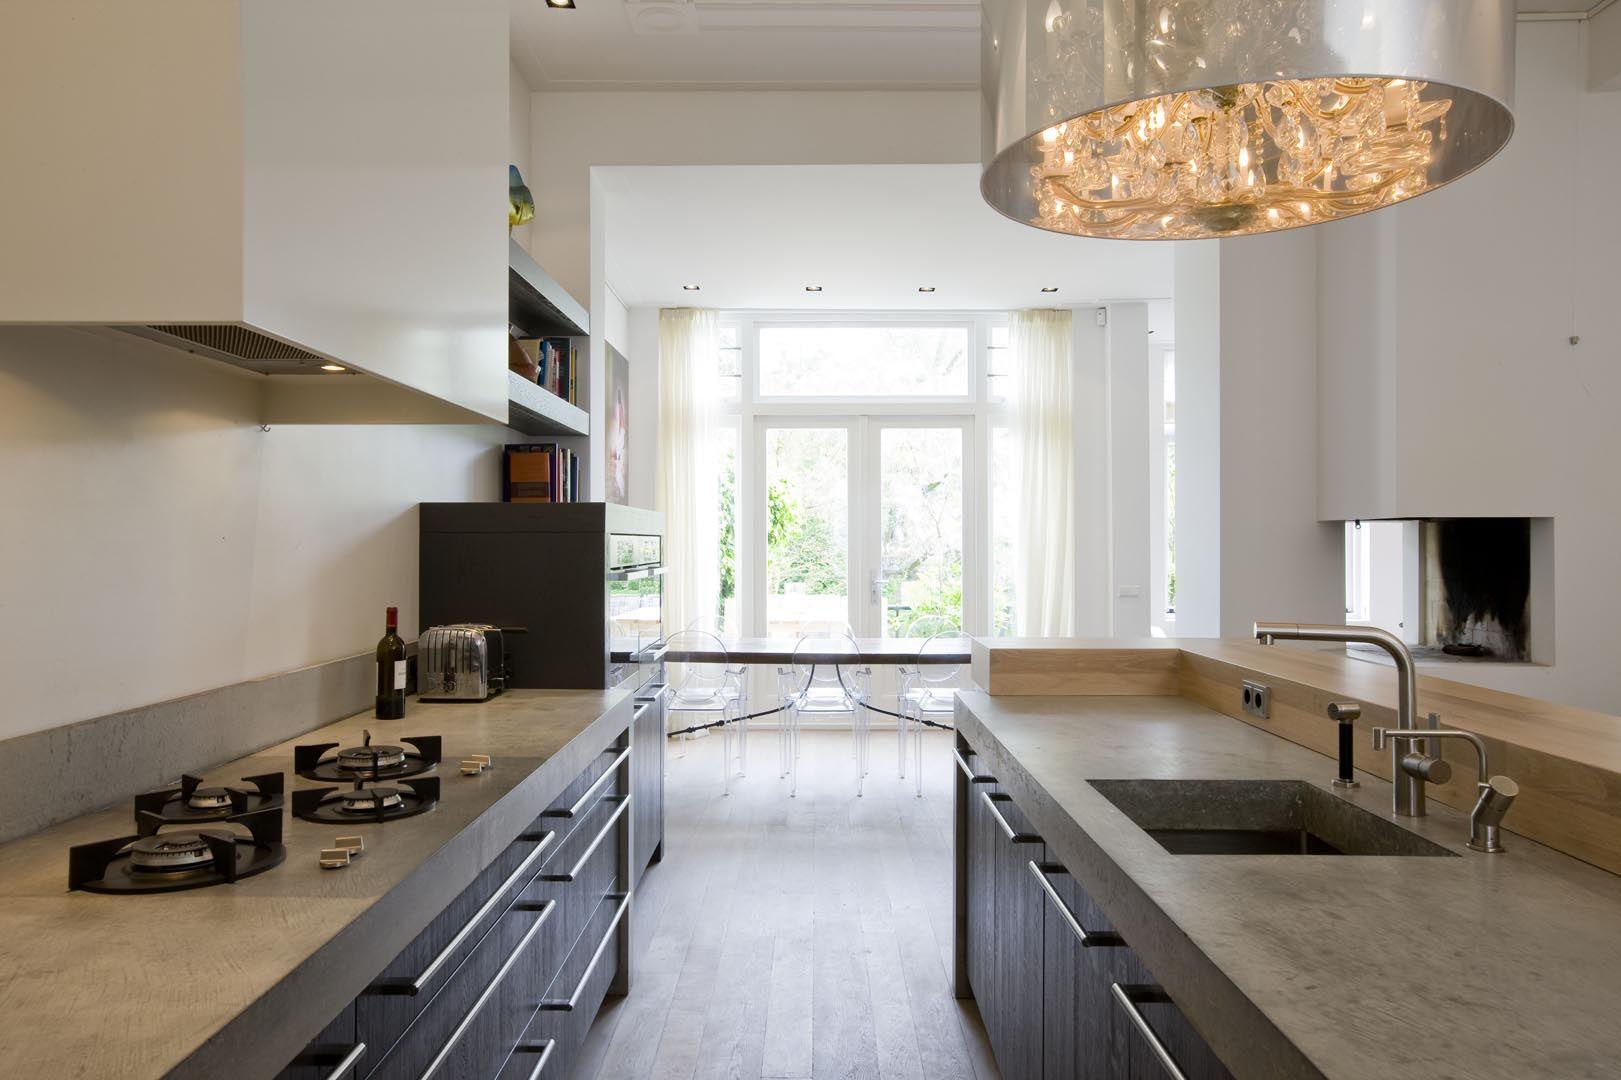 Beton Keuken Stoere : Keuken hout beton h van design keukens en stoere houten keuken